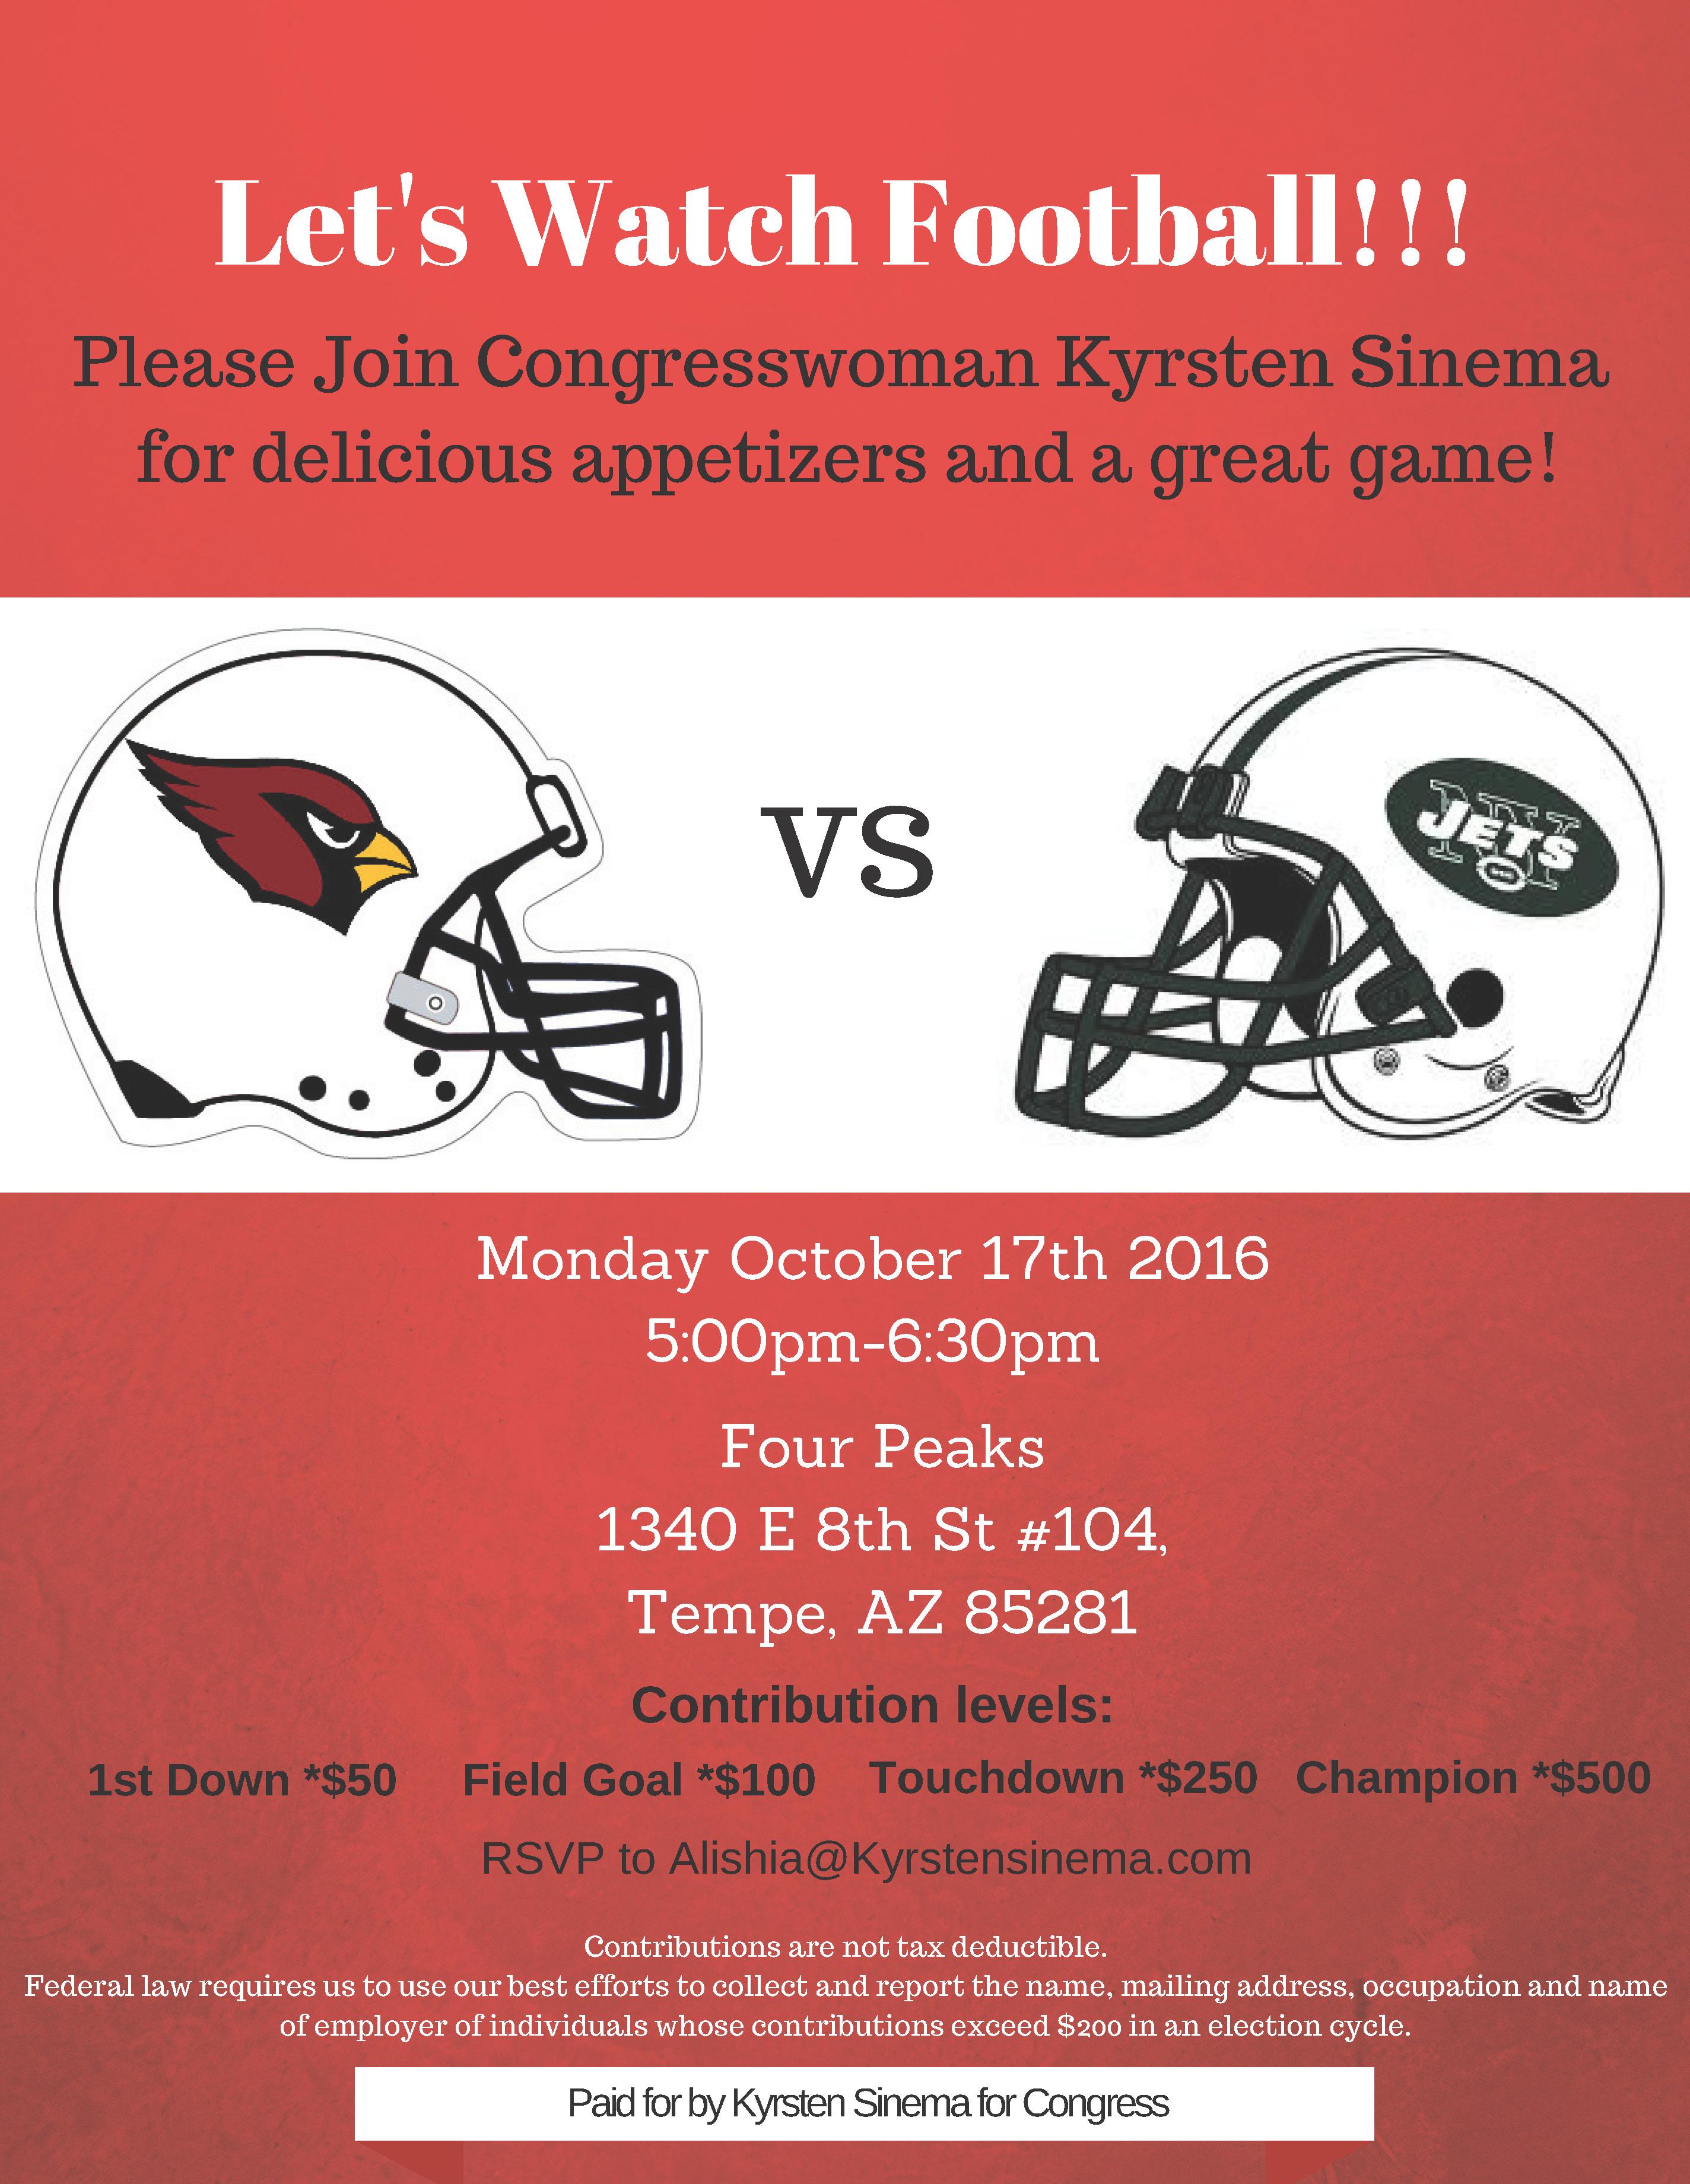 10-17-16-cardinals-football-hh